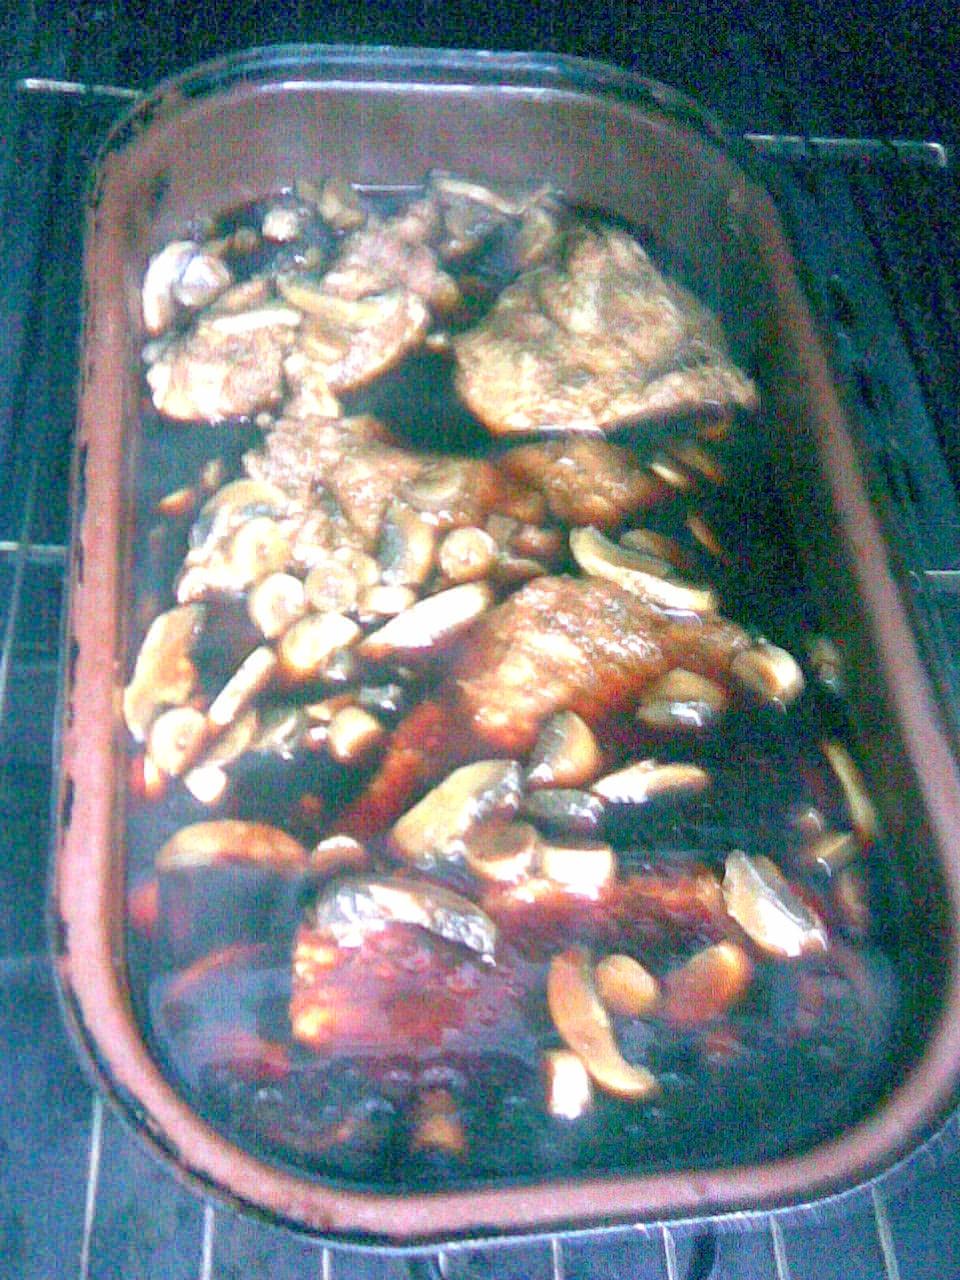 Recept Kýta pečená na žampionech - Ještě chvíli a bude to upečené.